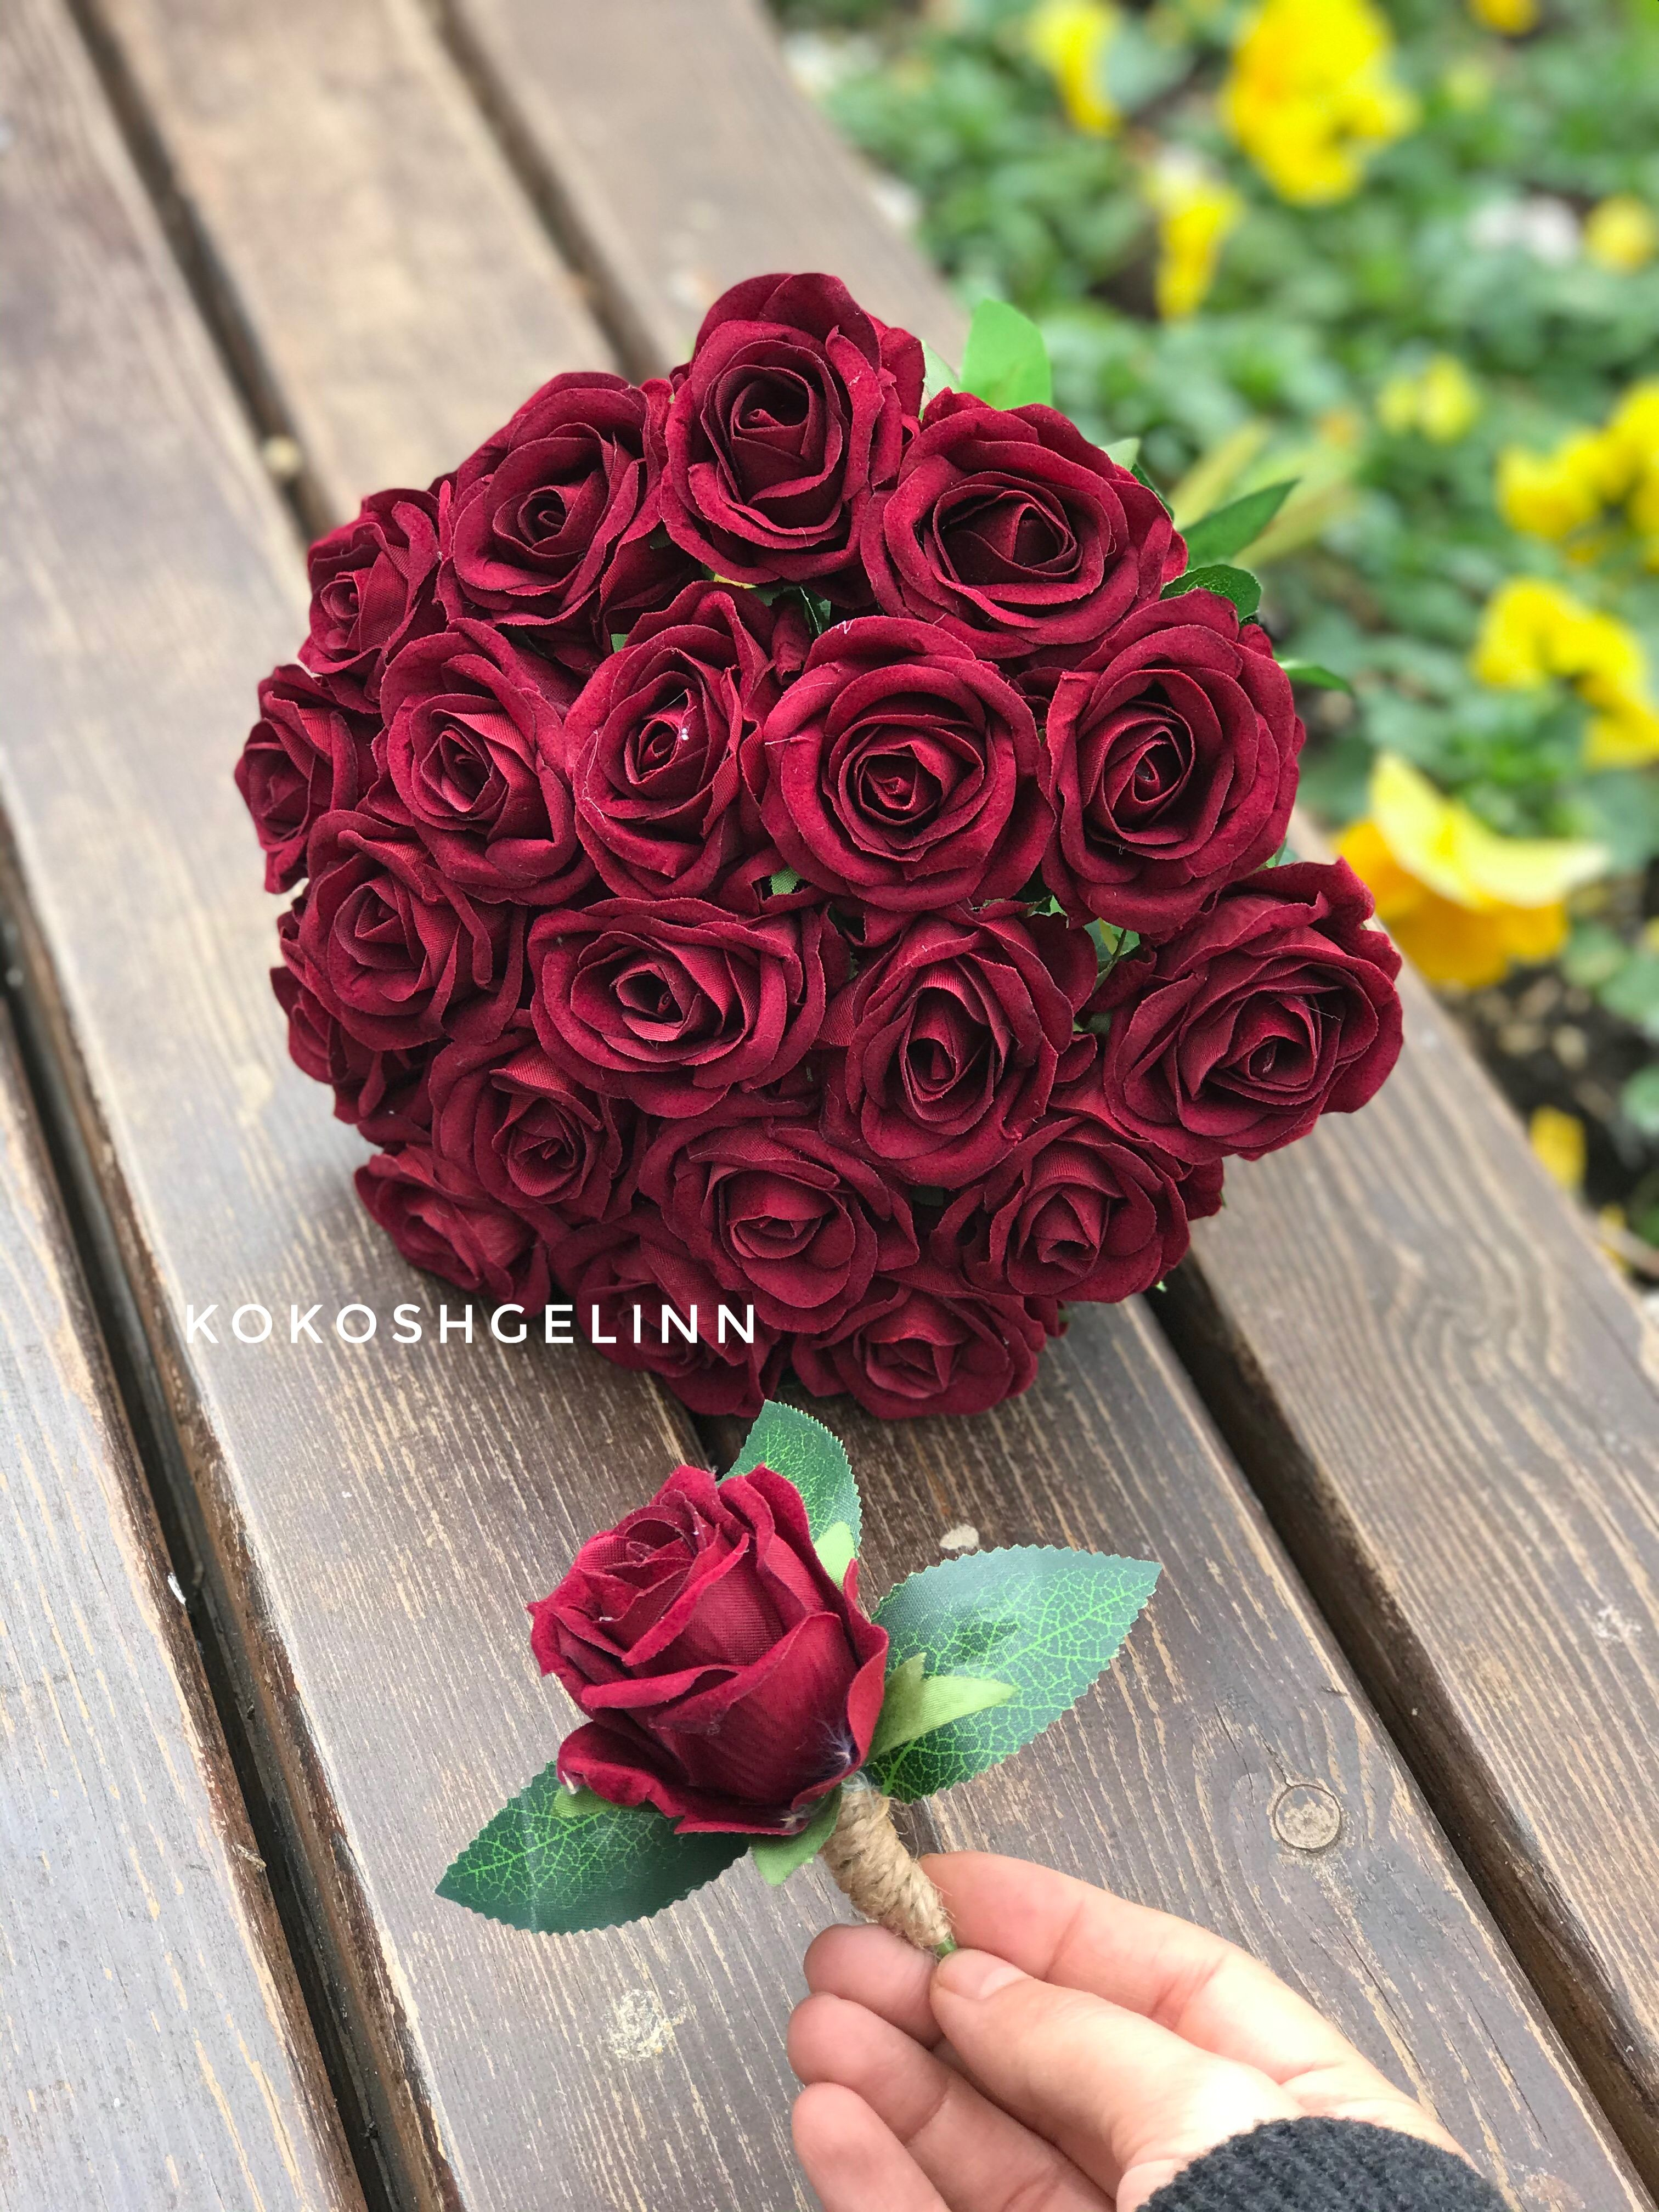 #gelinbuketi #gelinçiçeği #buket #çiçek #kırmızıgül